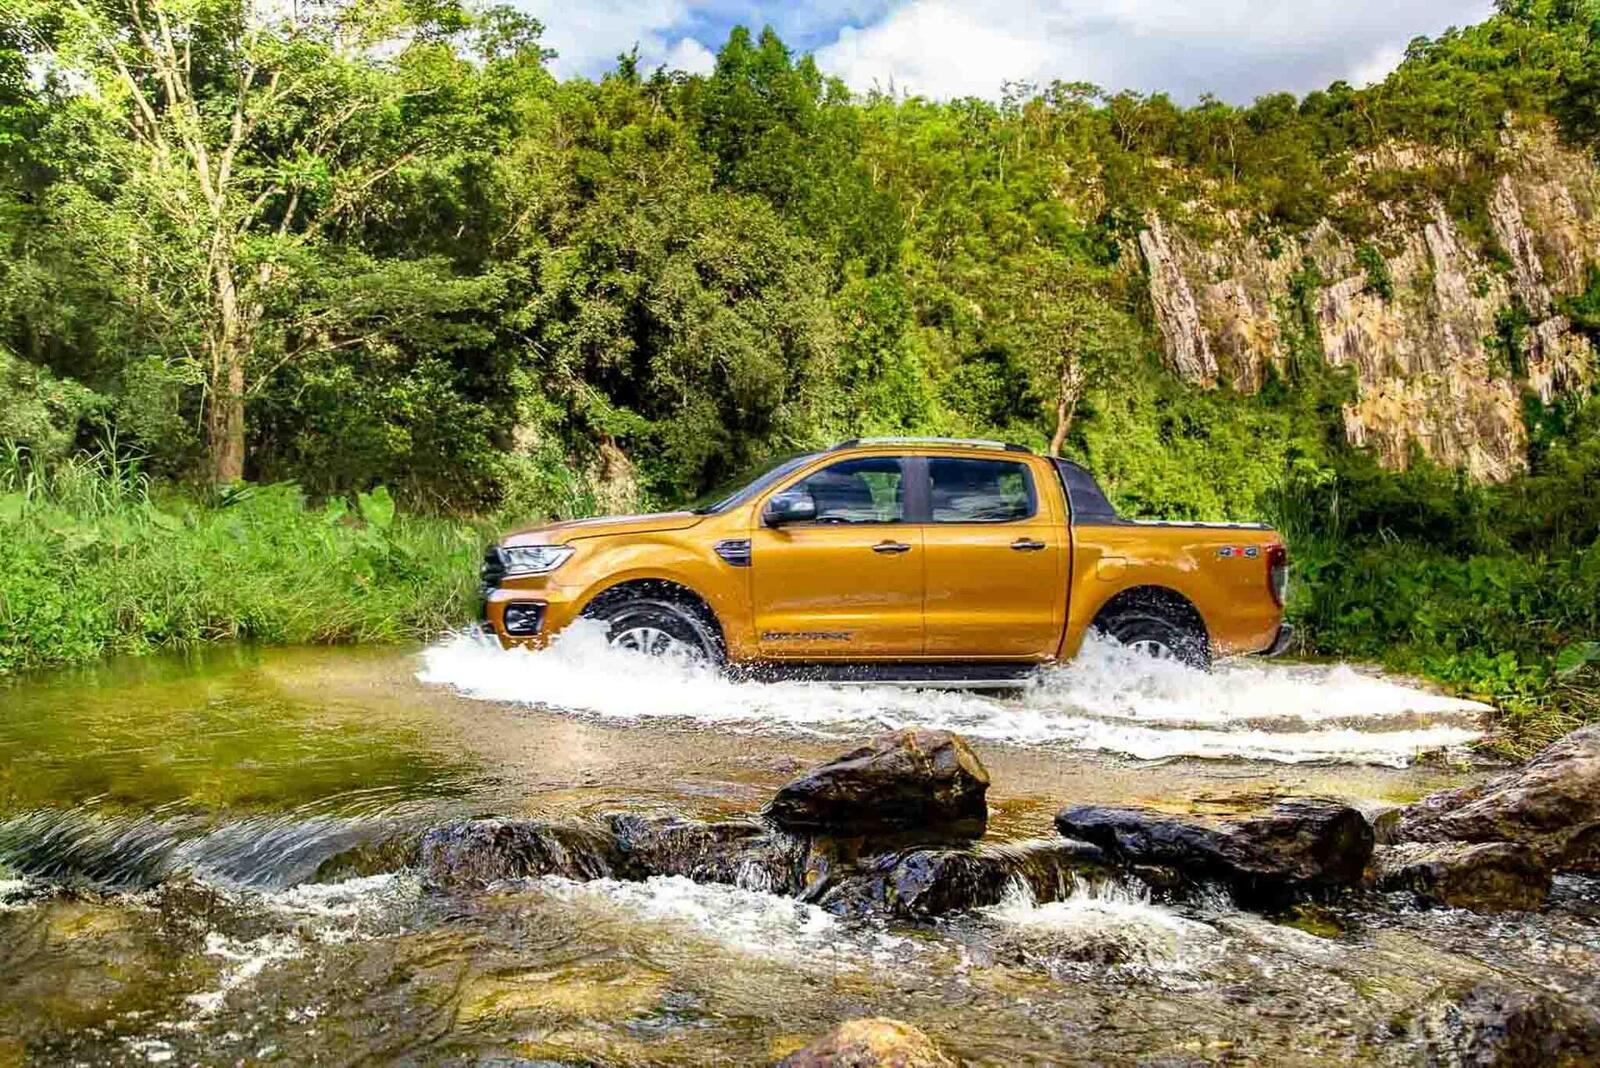 Ford Ranger đạt doanh số kỷ lục tại Châu Á Thái Bình Dương năm thứ 10 liên tiếp - Hình 9